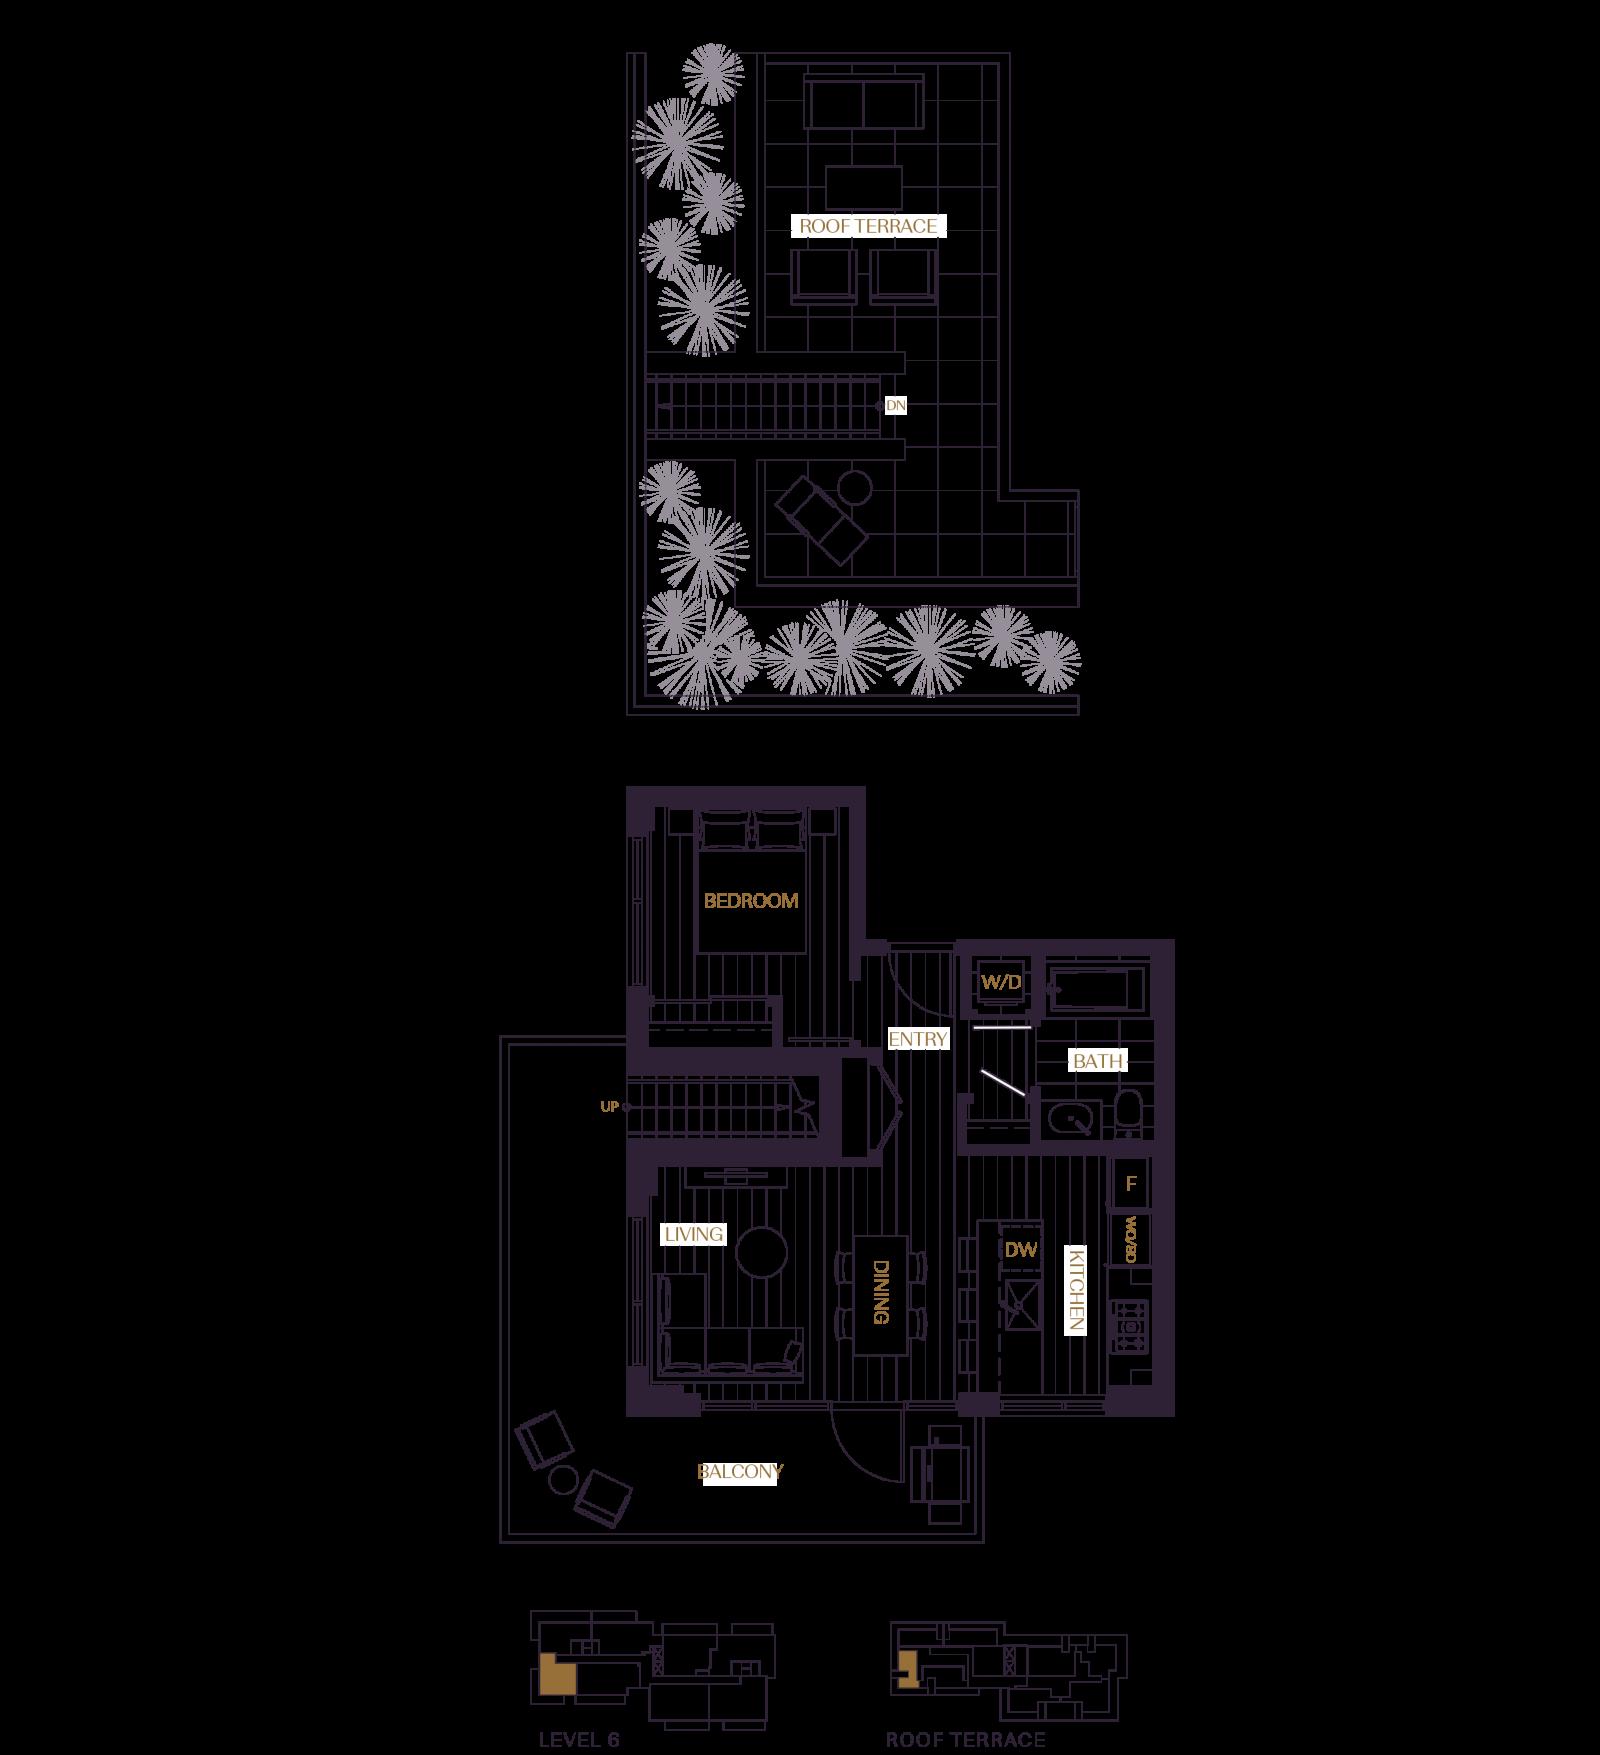 Plan B12